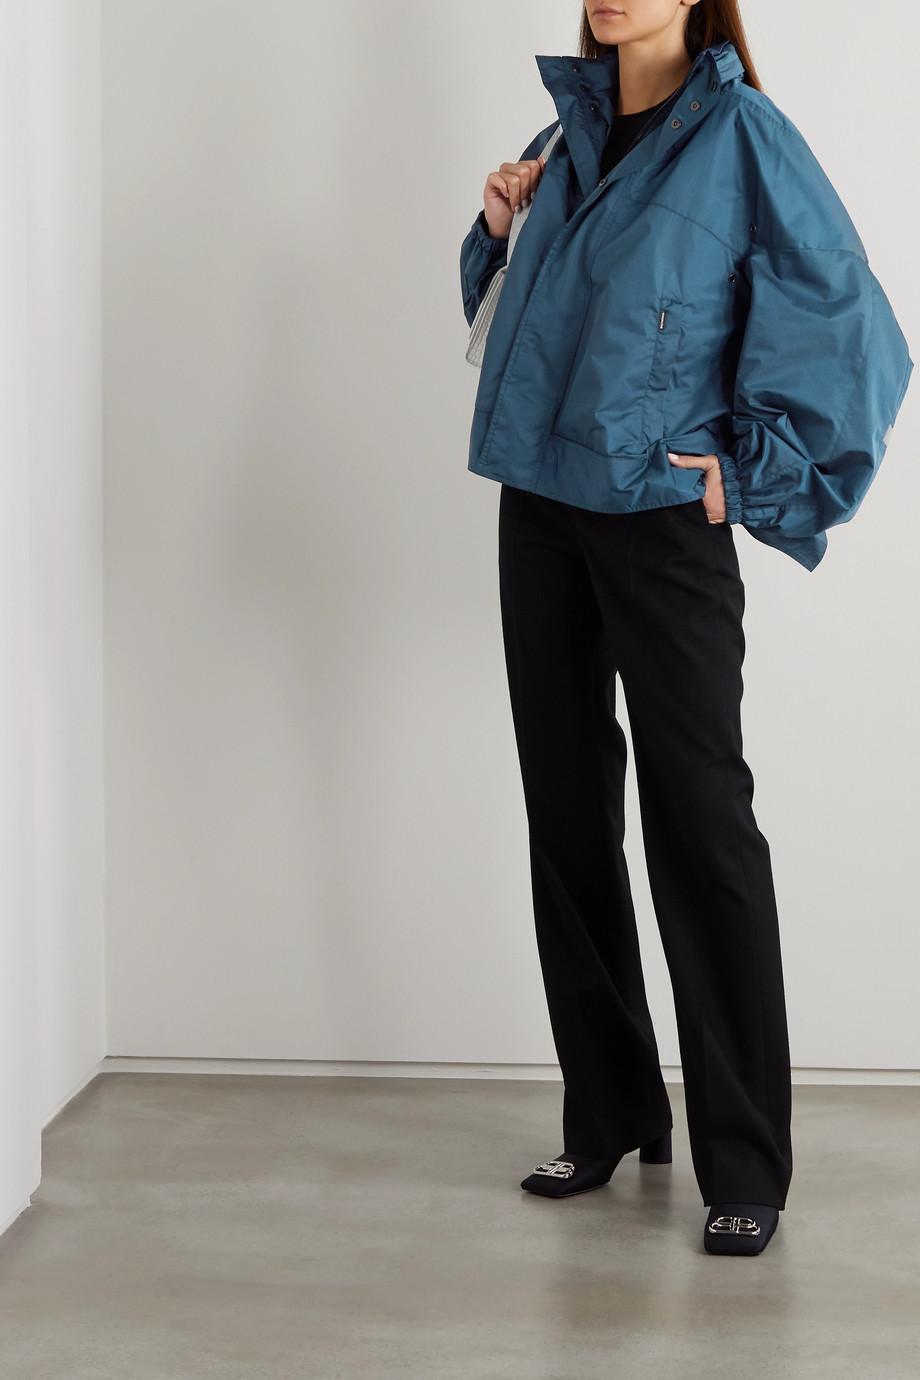 Balenciaga Manteau oversize à capuche en tissu technique